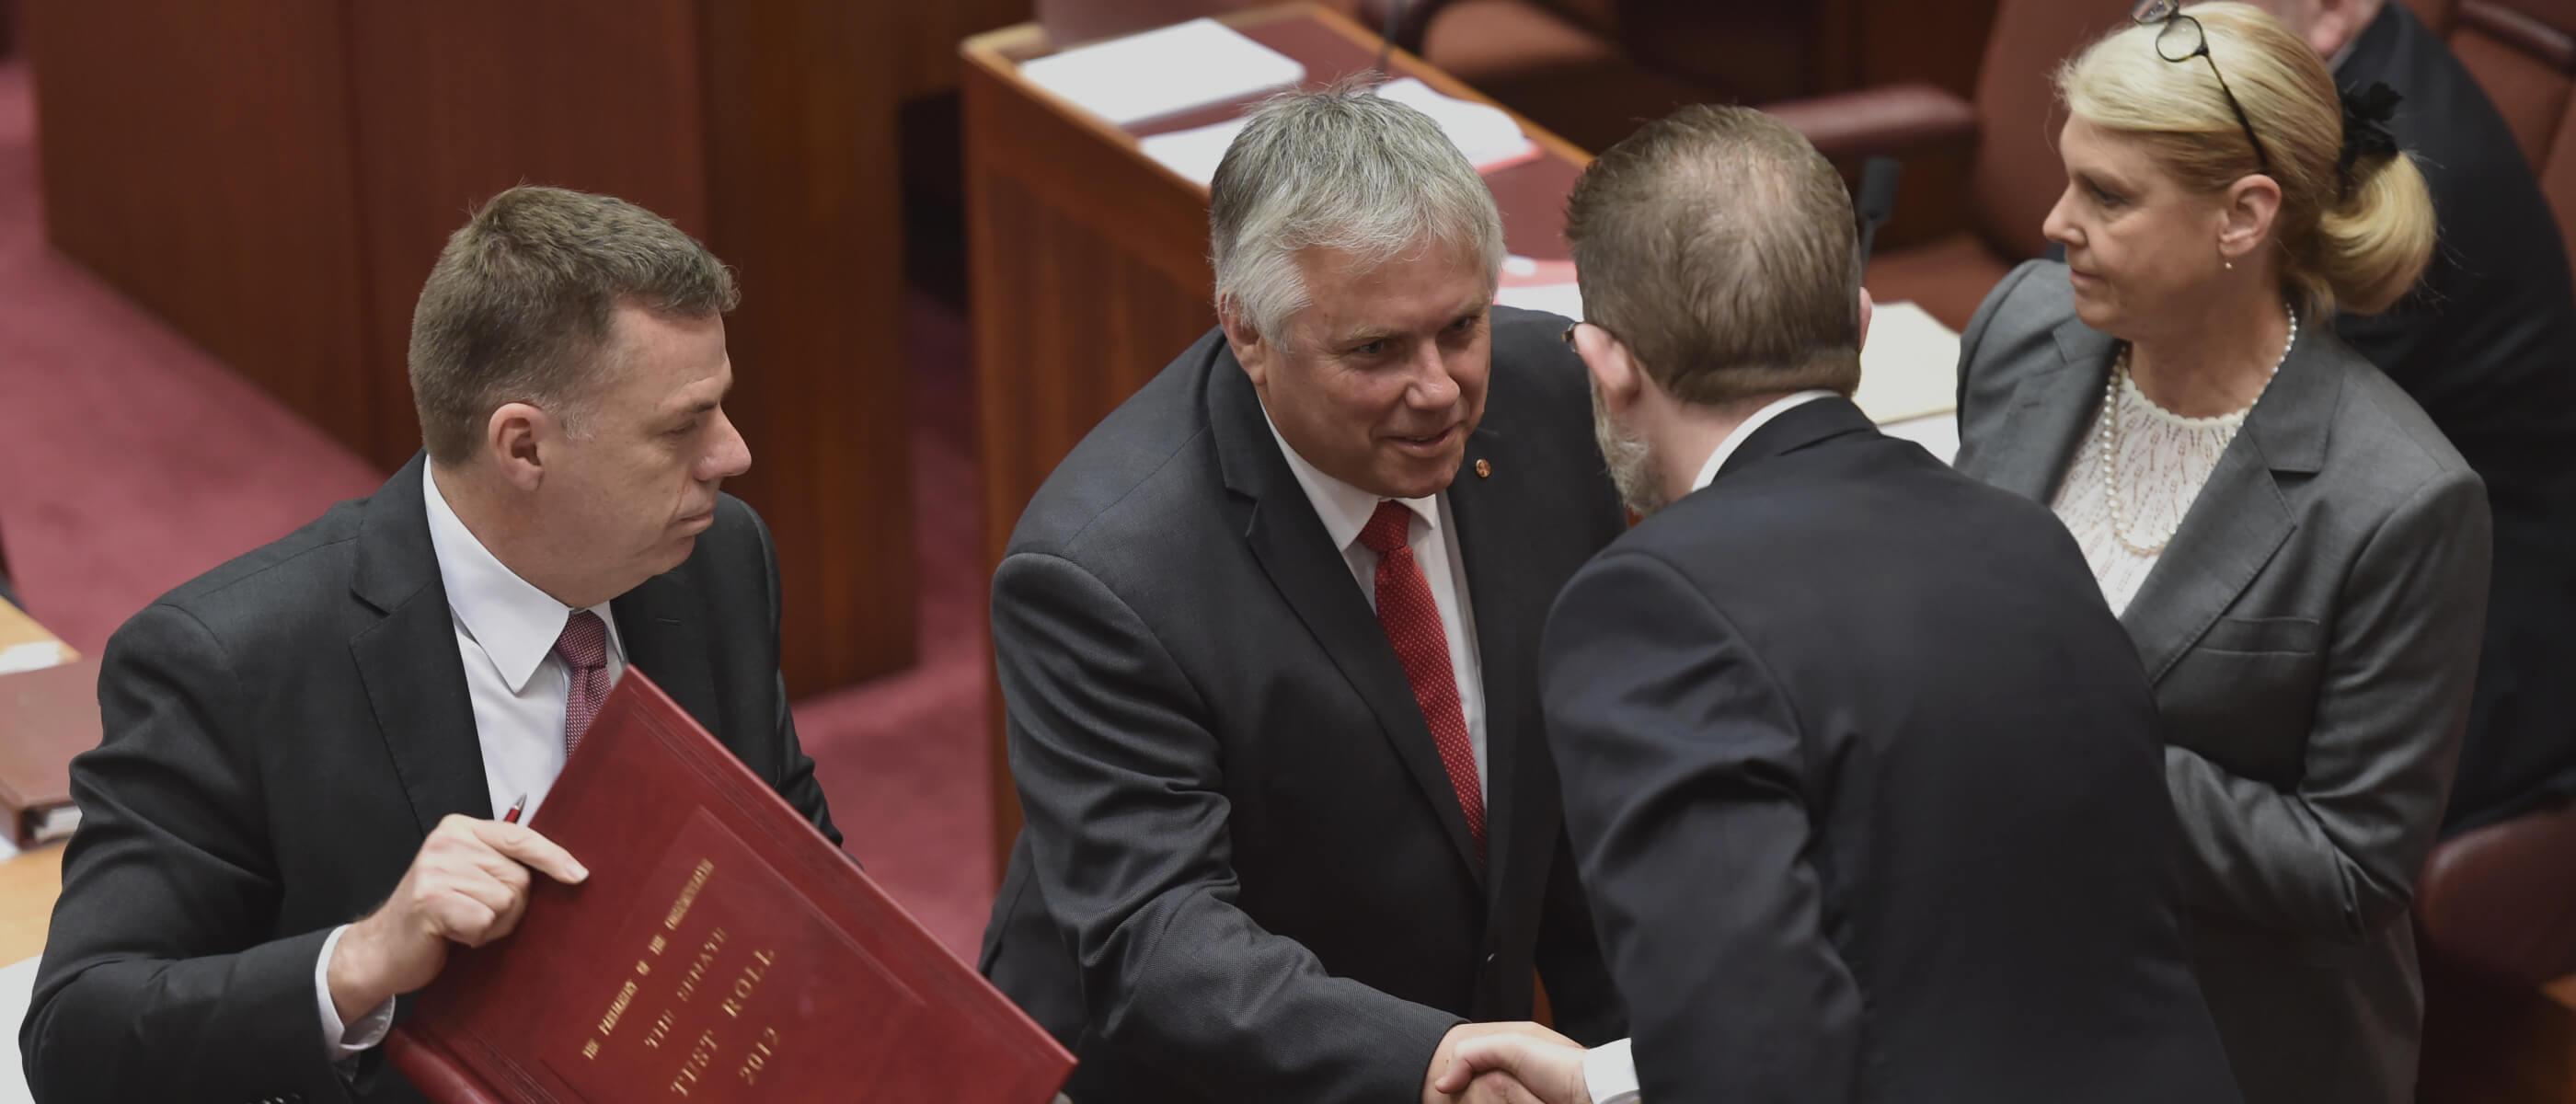 Rex in the Senate